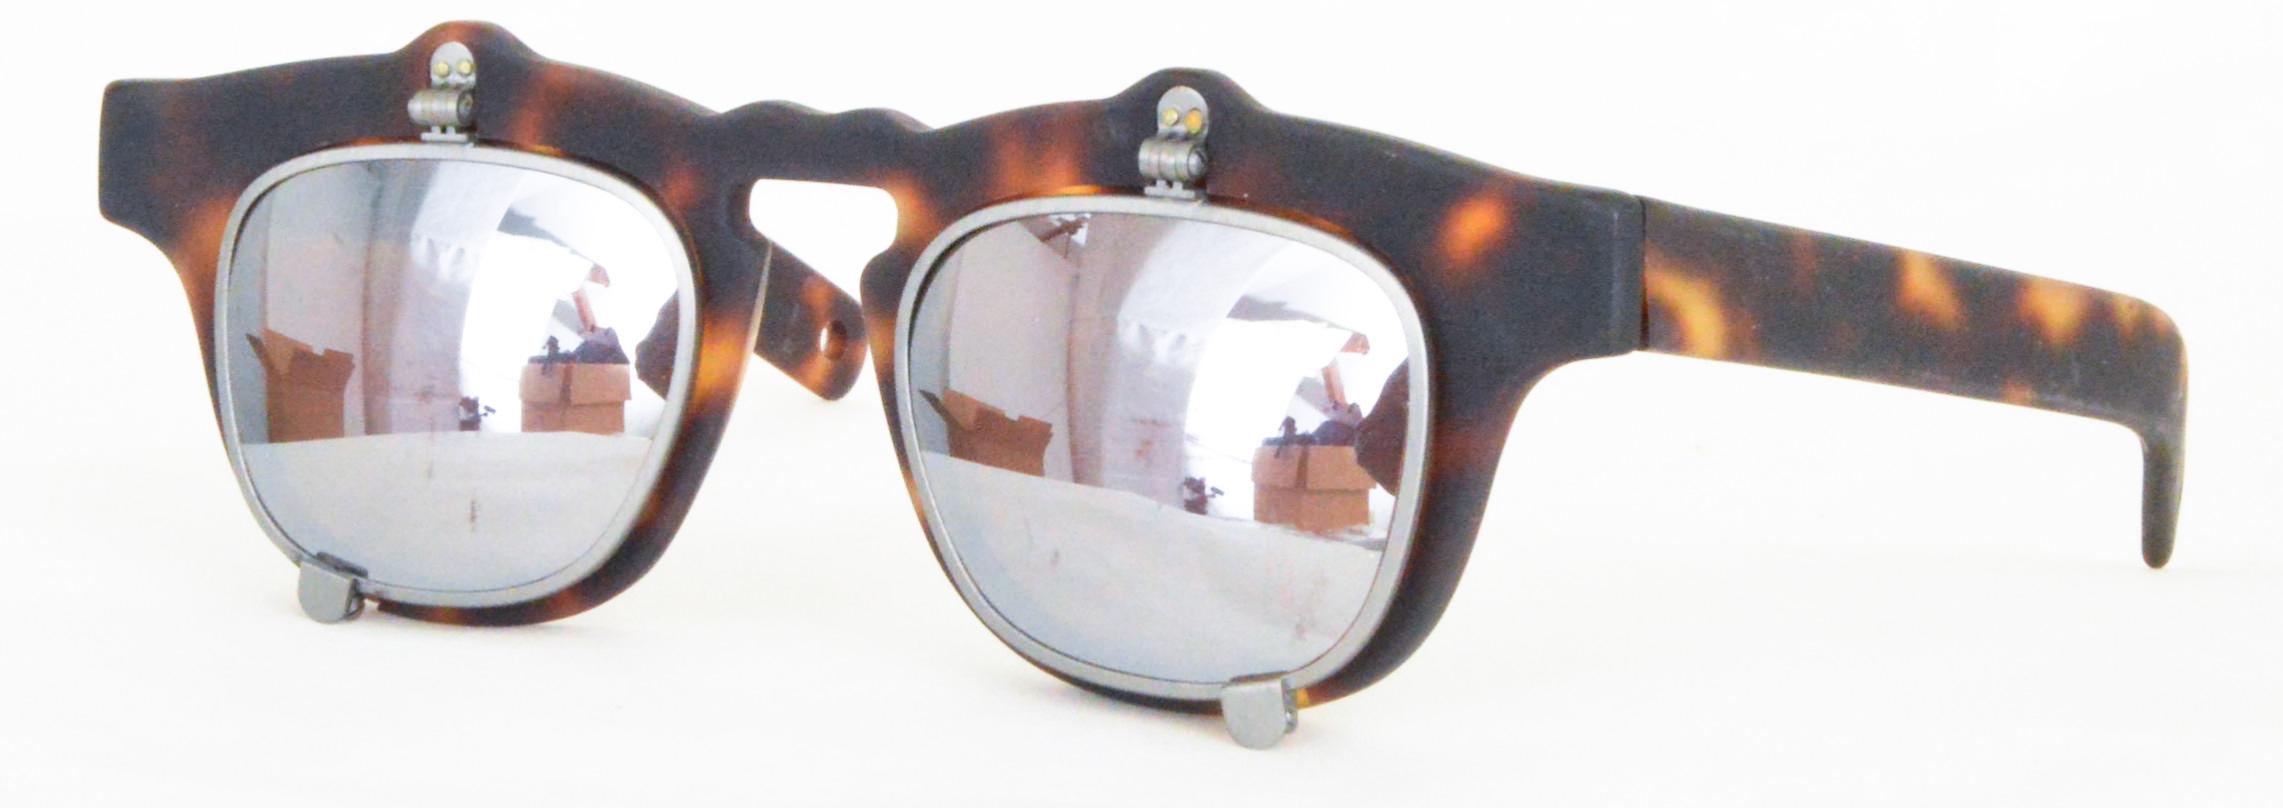 056e6f552c Sunglasses  Brand Revue Retro Lifetime-Eyecare.com has the most ...